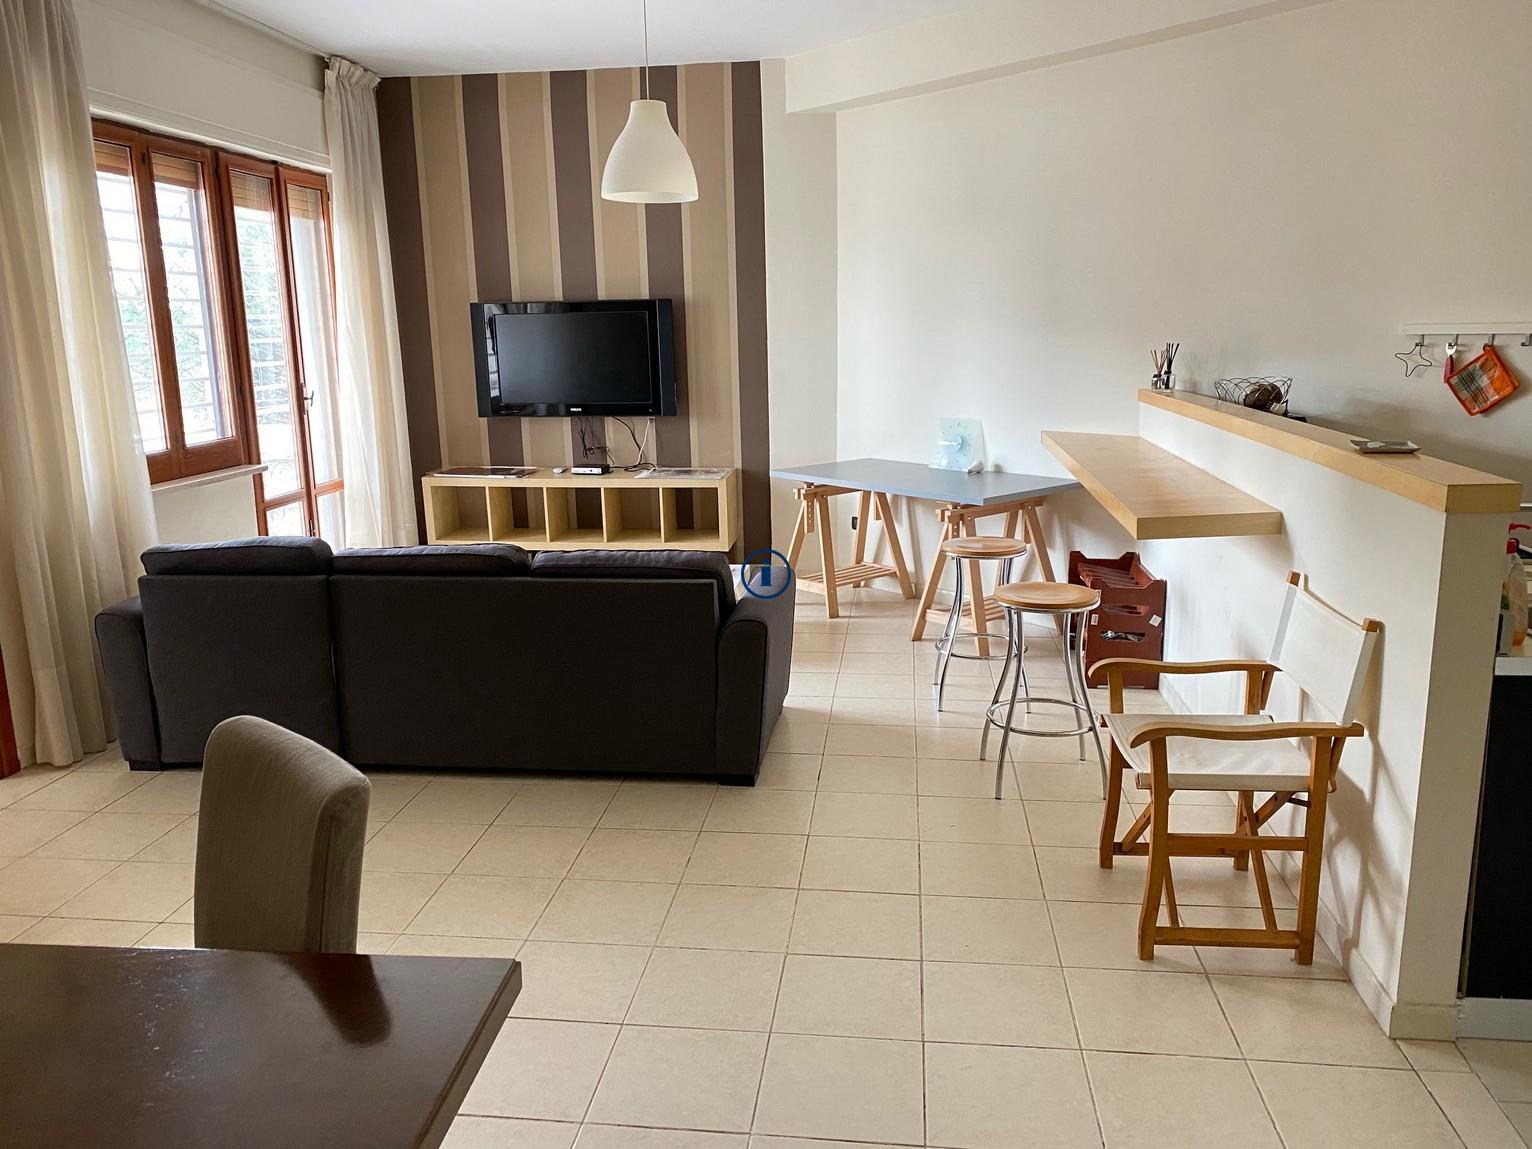 Appartamento in vendita a Caserta, 2 locali, zona Zona: Centro, prezzo € 95.000 | CambioCasa.it